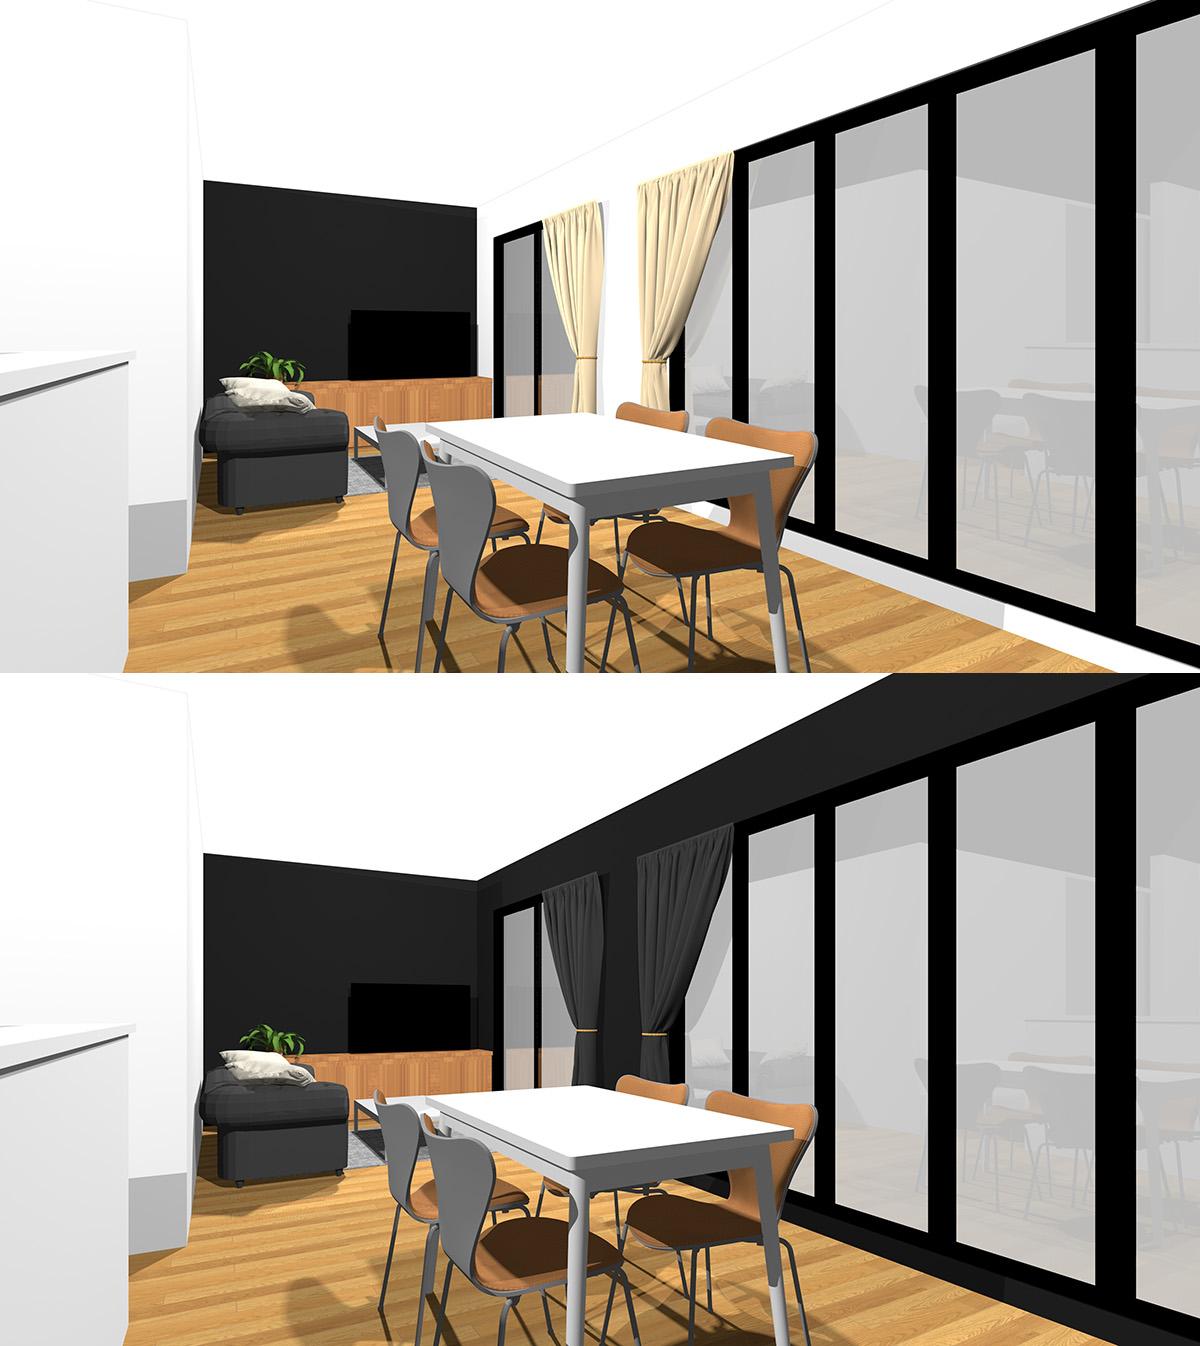 壁の一箇所を黒のアクセントクロスにしたリビングダイニングと壁の2箇所とカーテンを黒にしたリビングダイニングの比較